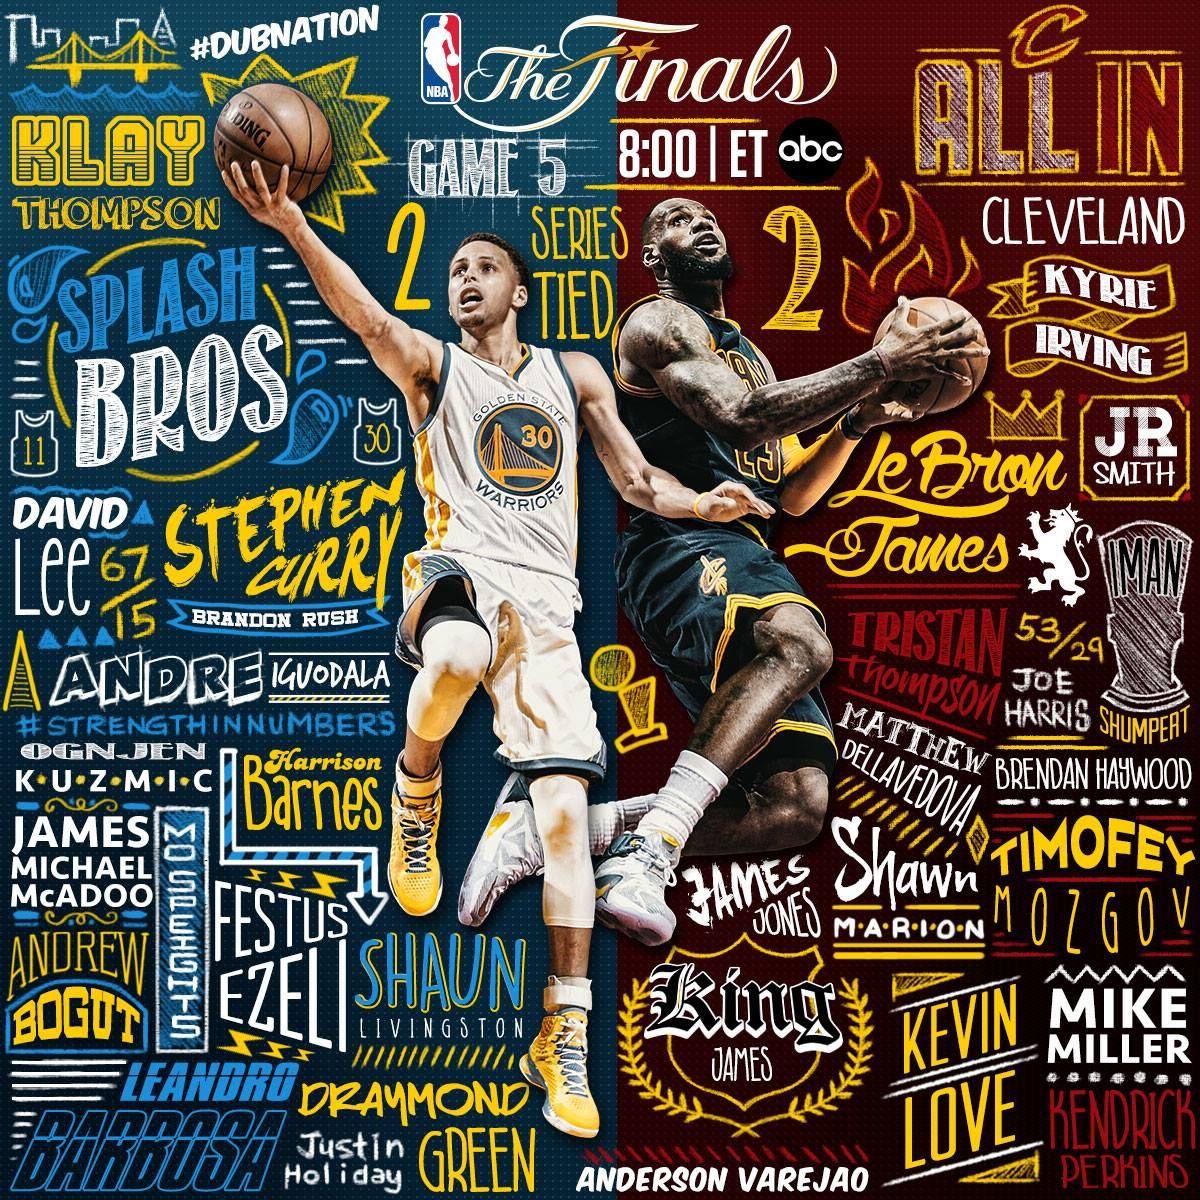 b0a46c02899d Stephen Curry vs Lebron James NBA Finals 2015